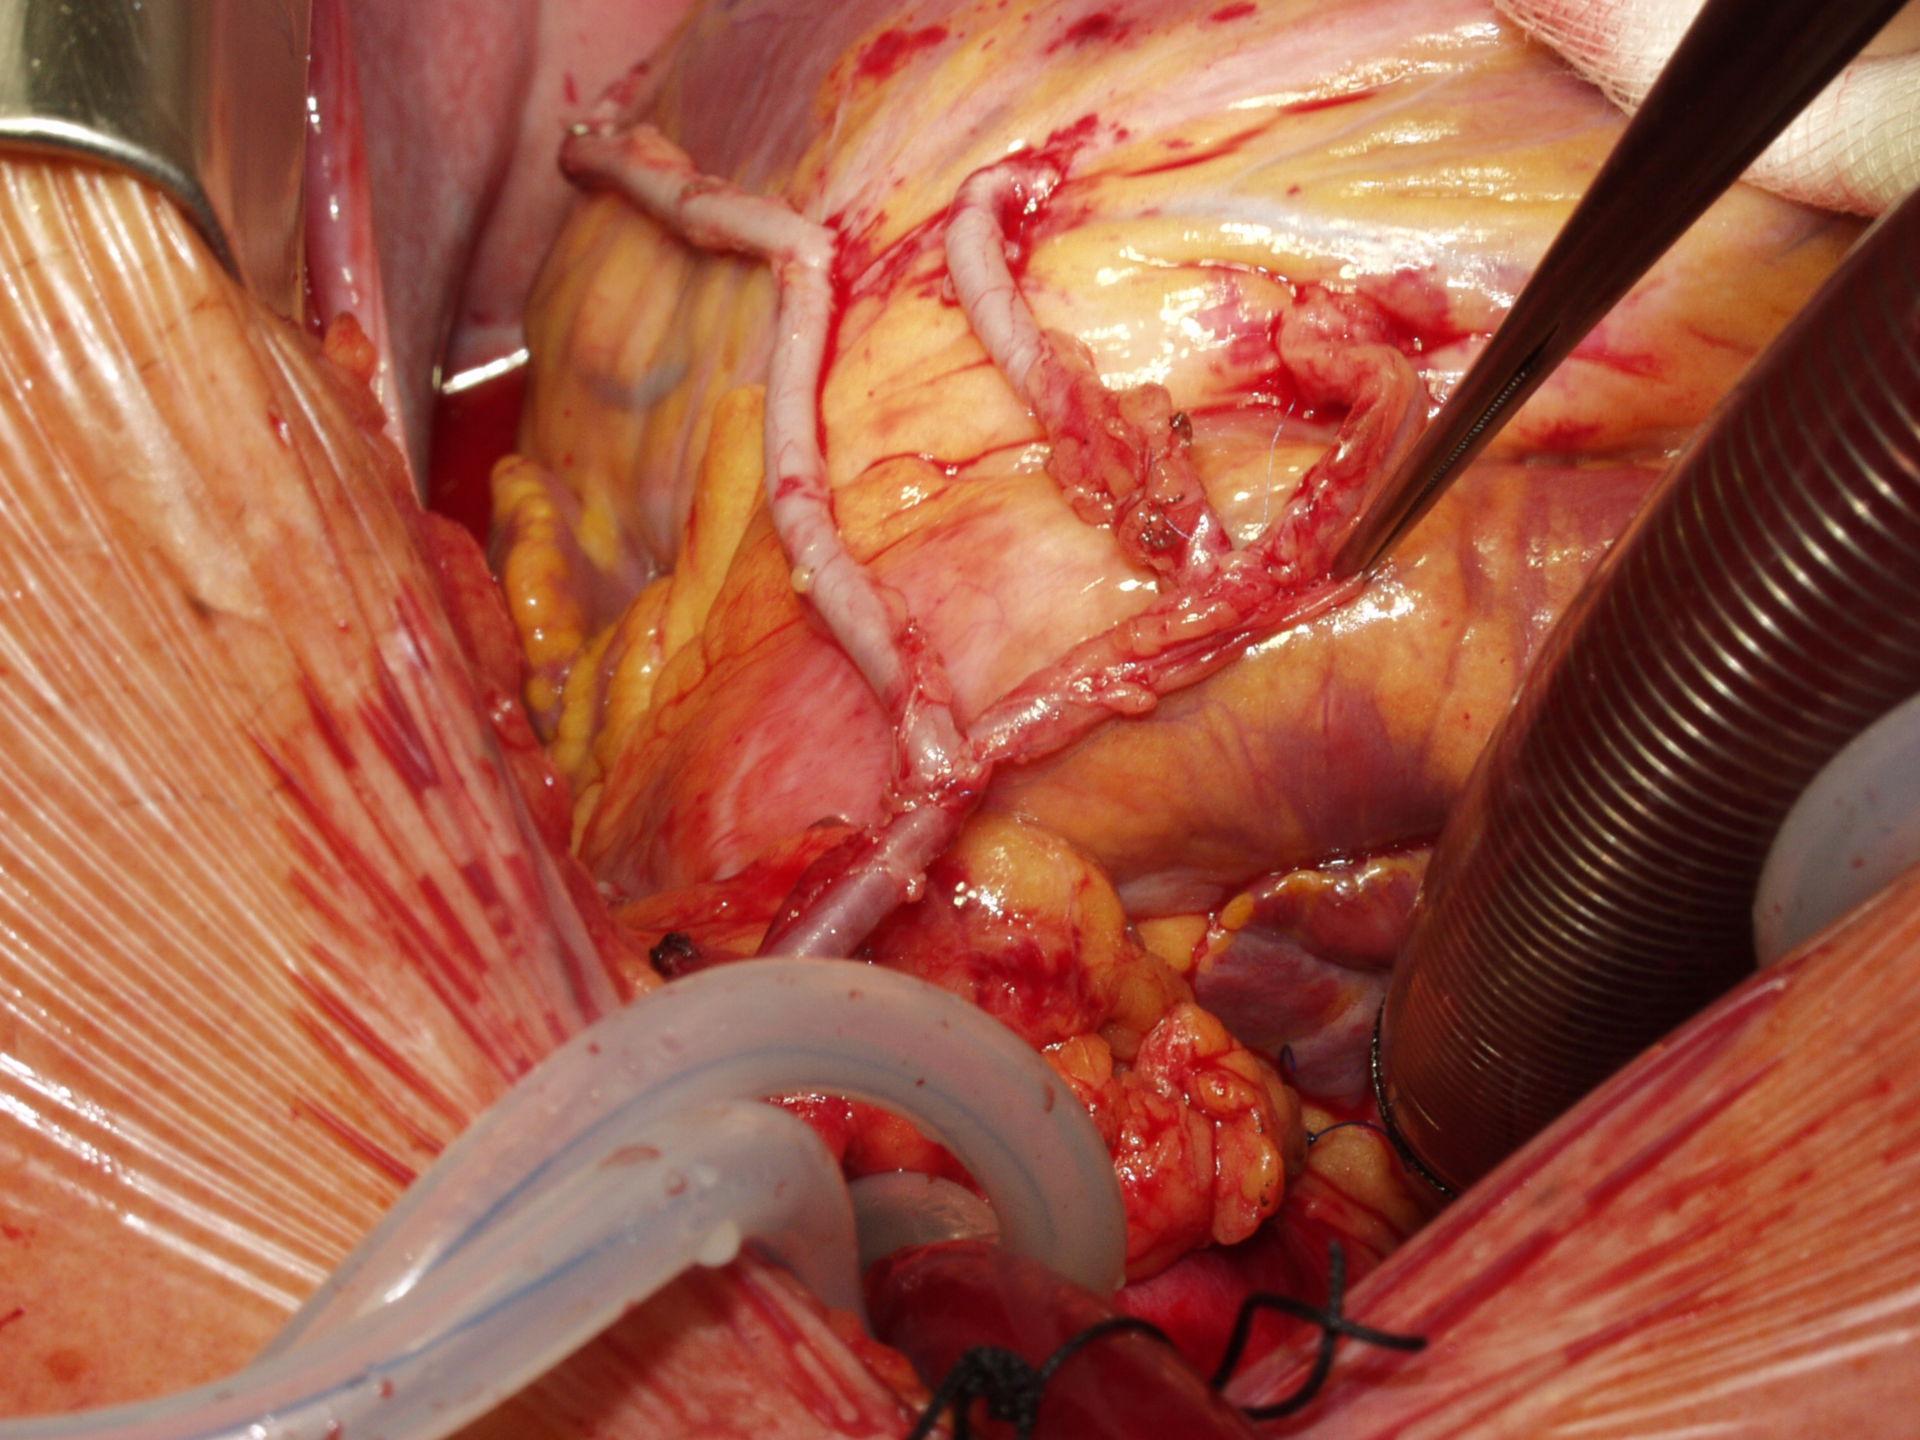 Derivación de la arteria coronaria - revascularización total (D)